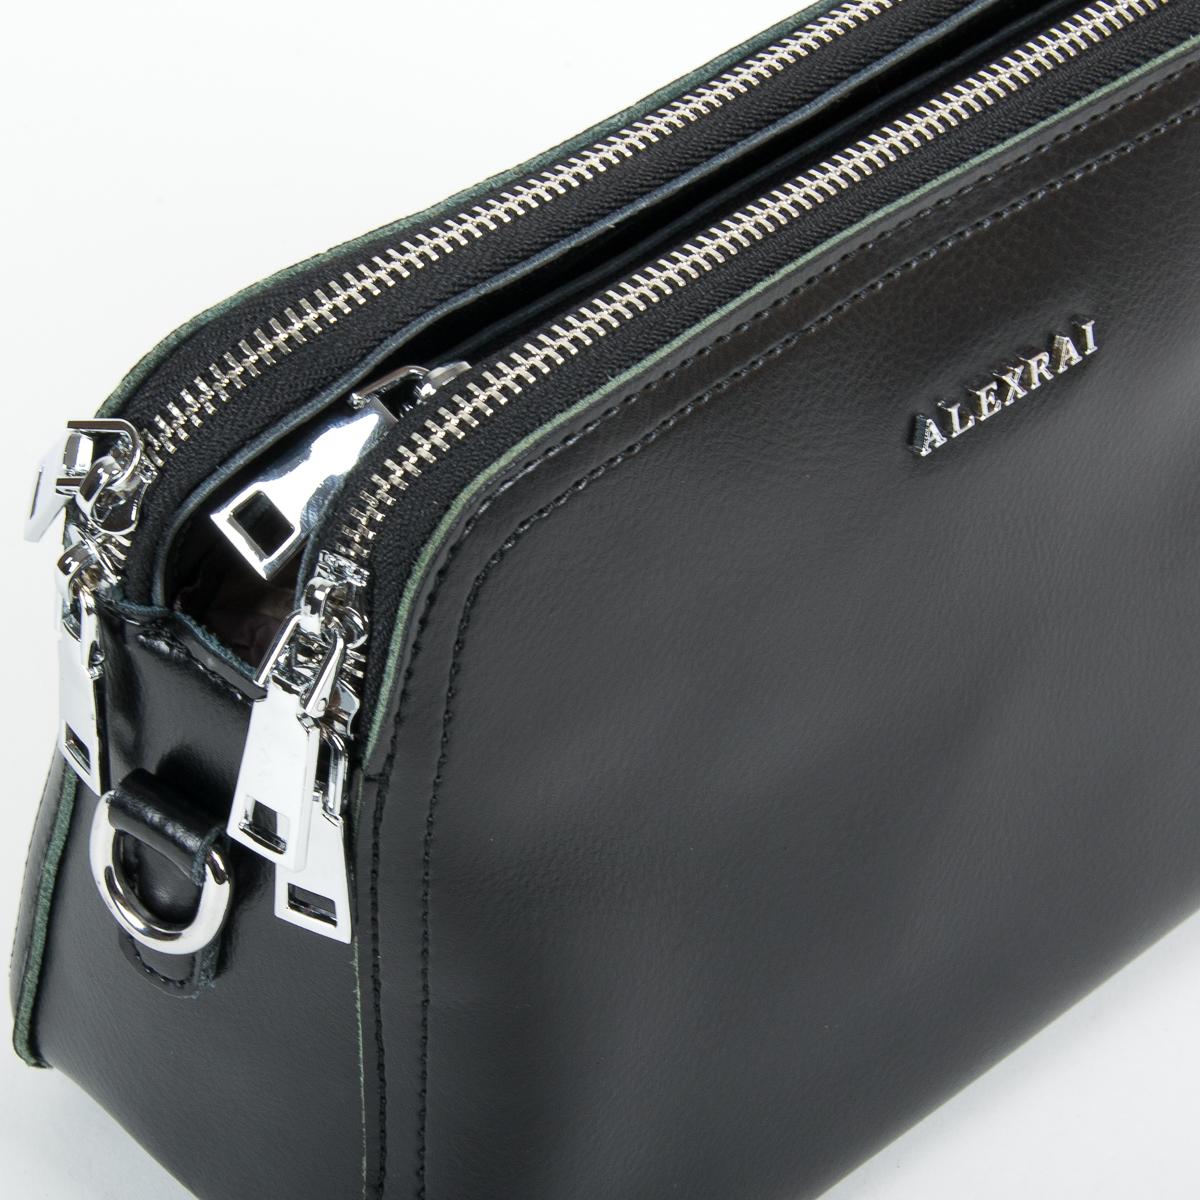 Сумка Женская Клатч кожа ALEX RAI 9-01 8725 black - фото 3